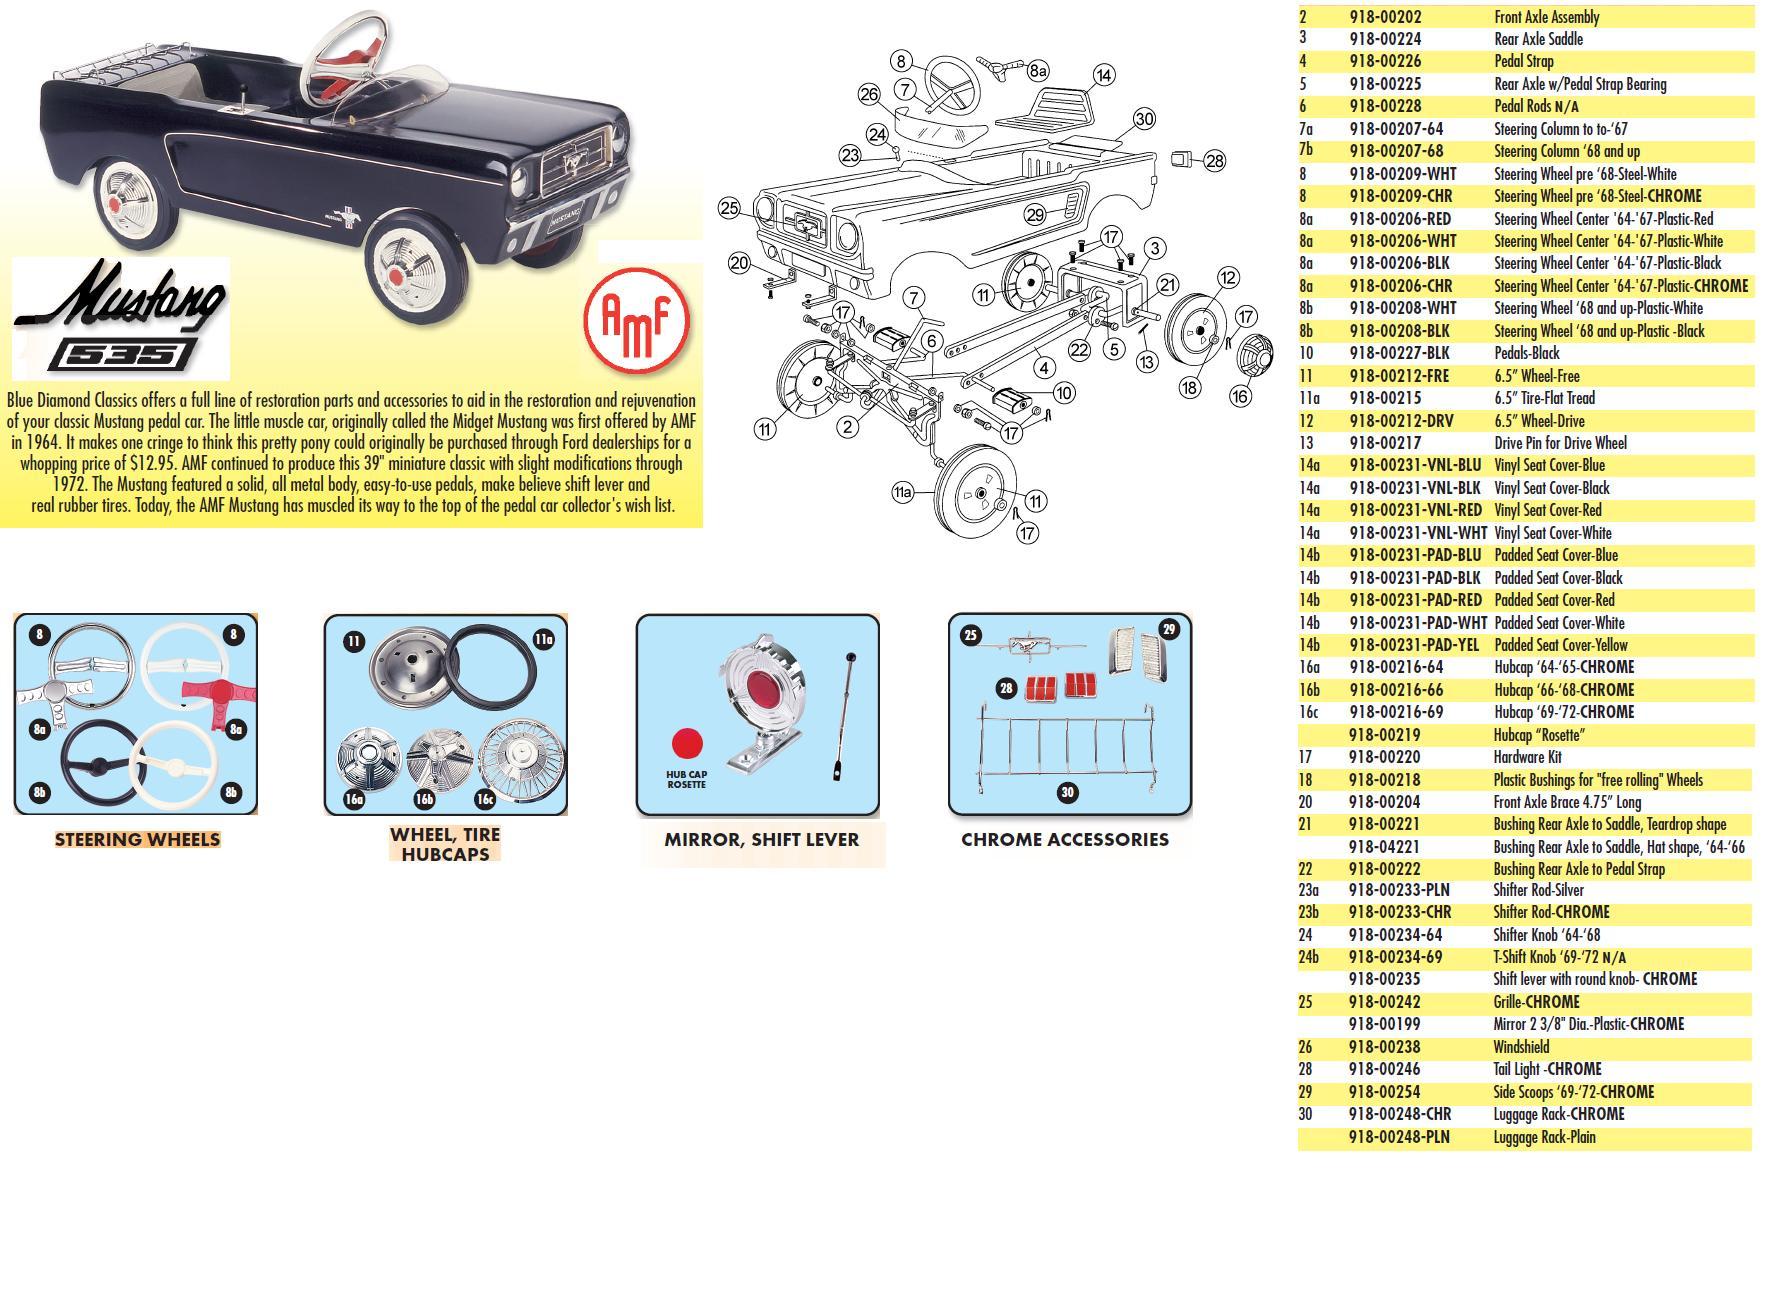 black and decker 18v grass hog instruction manual